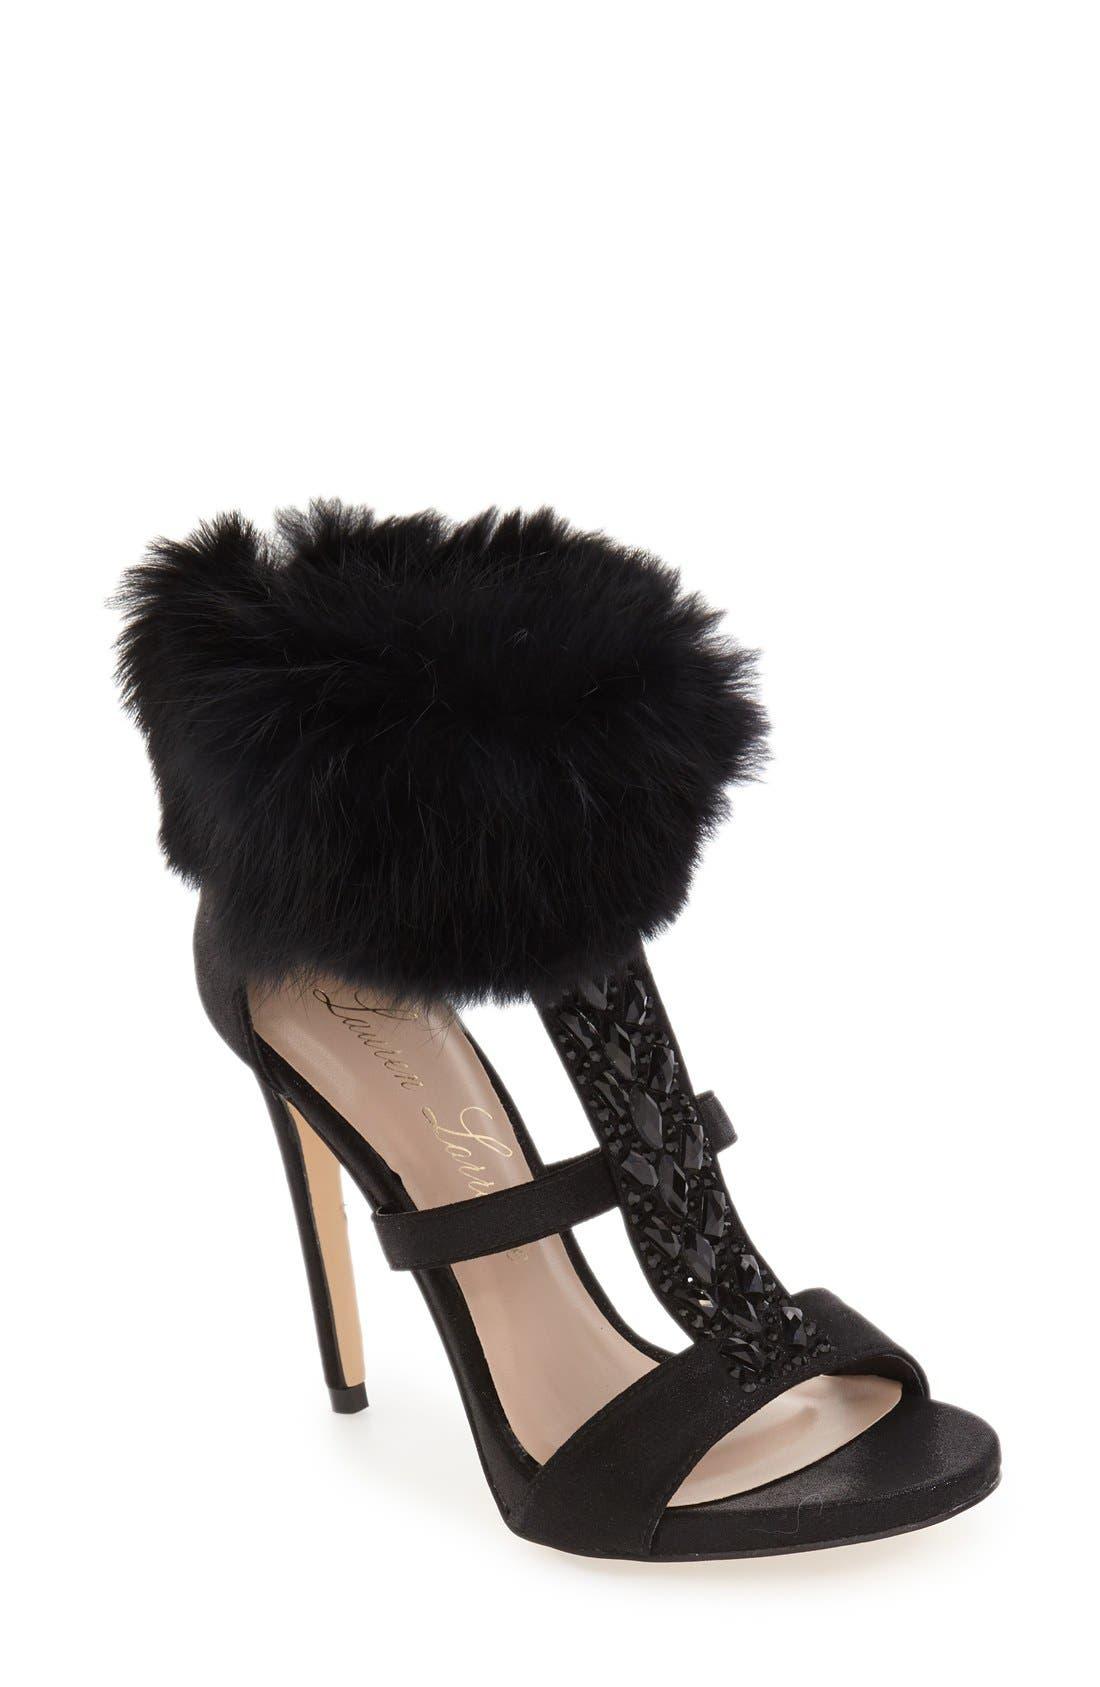 Lauren Lorraine 'Angela' Genuine Rabbit Fur Cuff Sandal (Women)